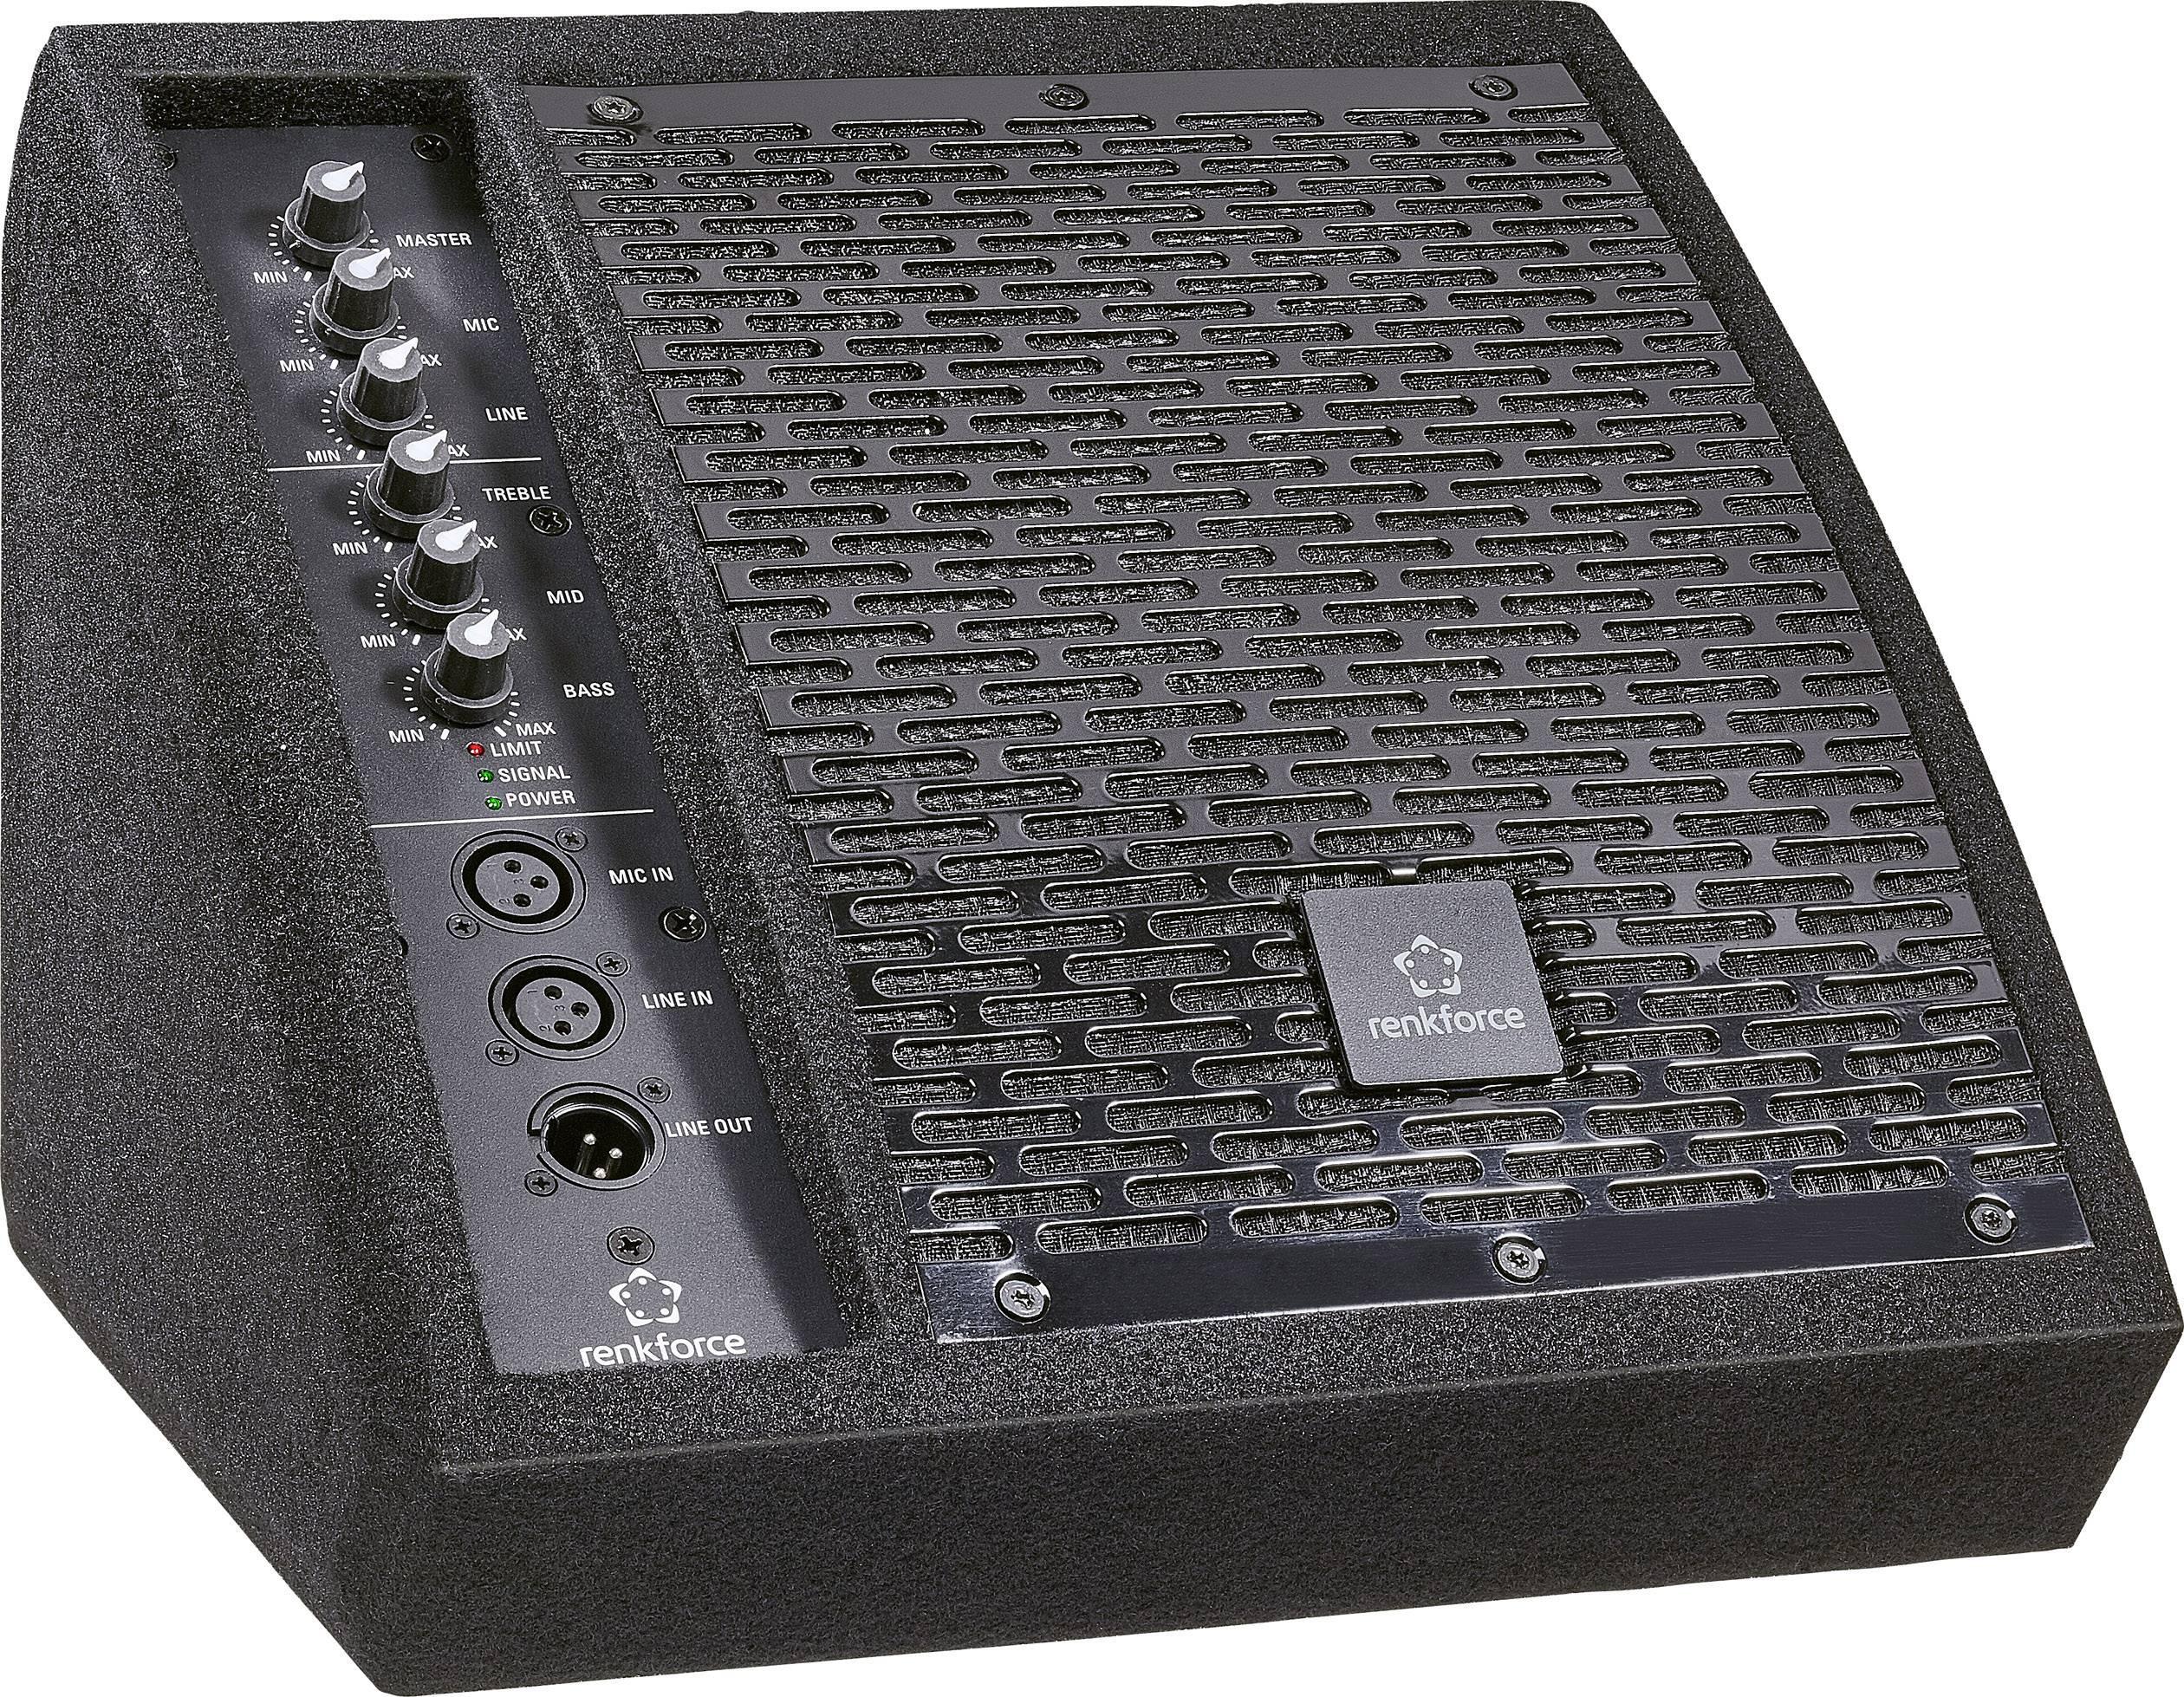 """Aktivní stage monitor Renkforce PAM 80A, 70 W, 20.32 cm (8 """") 1 ks"""